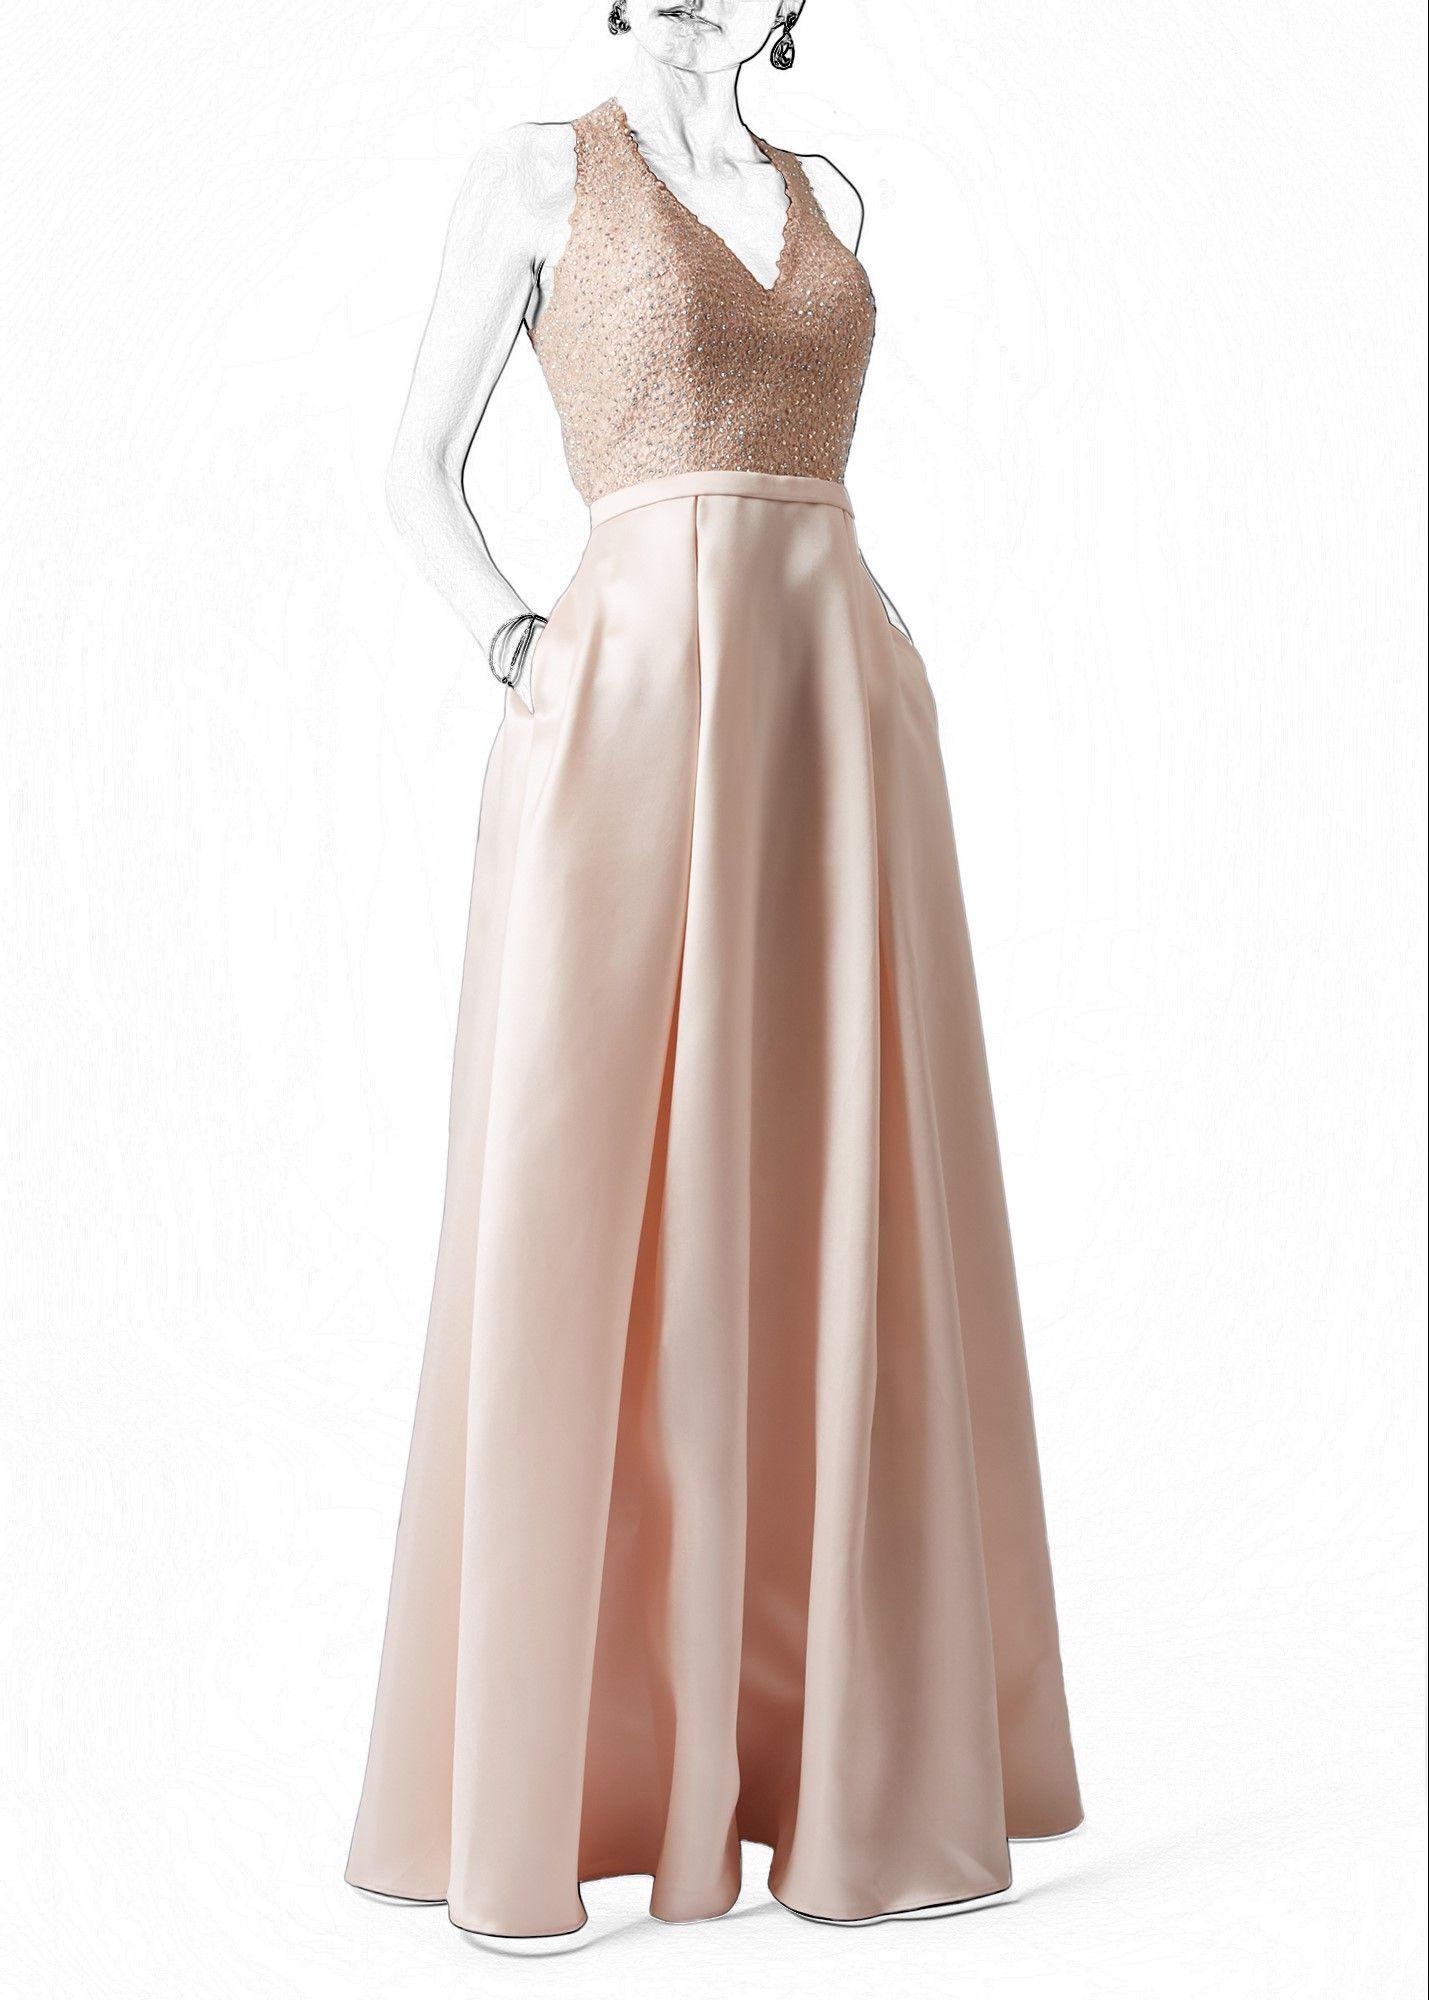 20 Erstaunlich Abendkleid Mascara BoutiqueDesigner Großartig Abendkleid Mascara Vertrieb